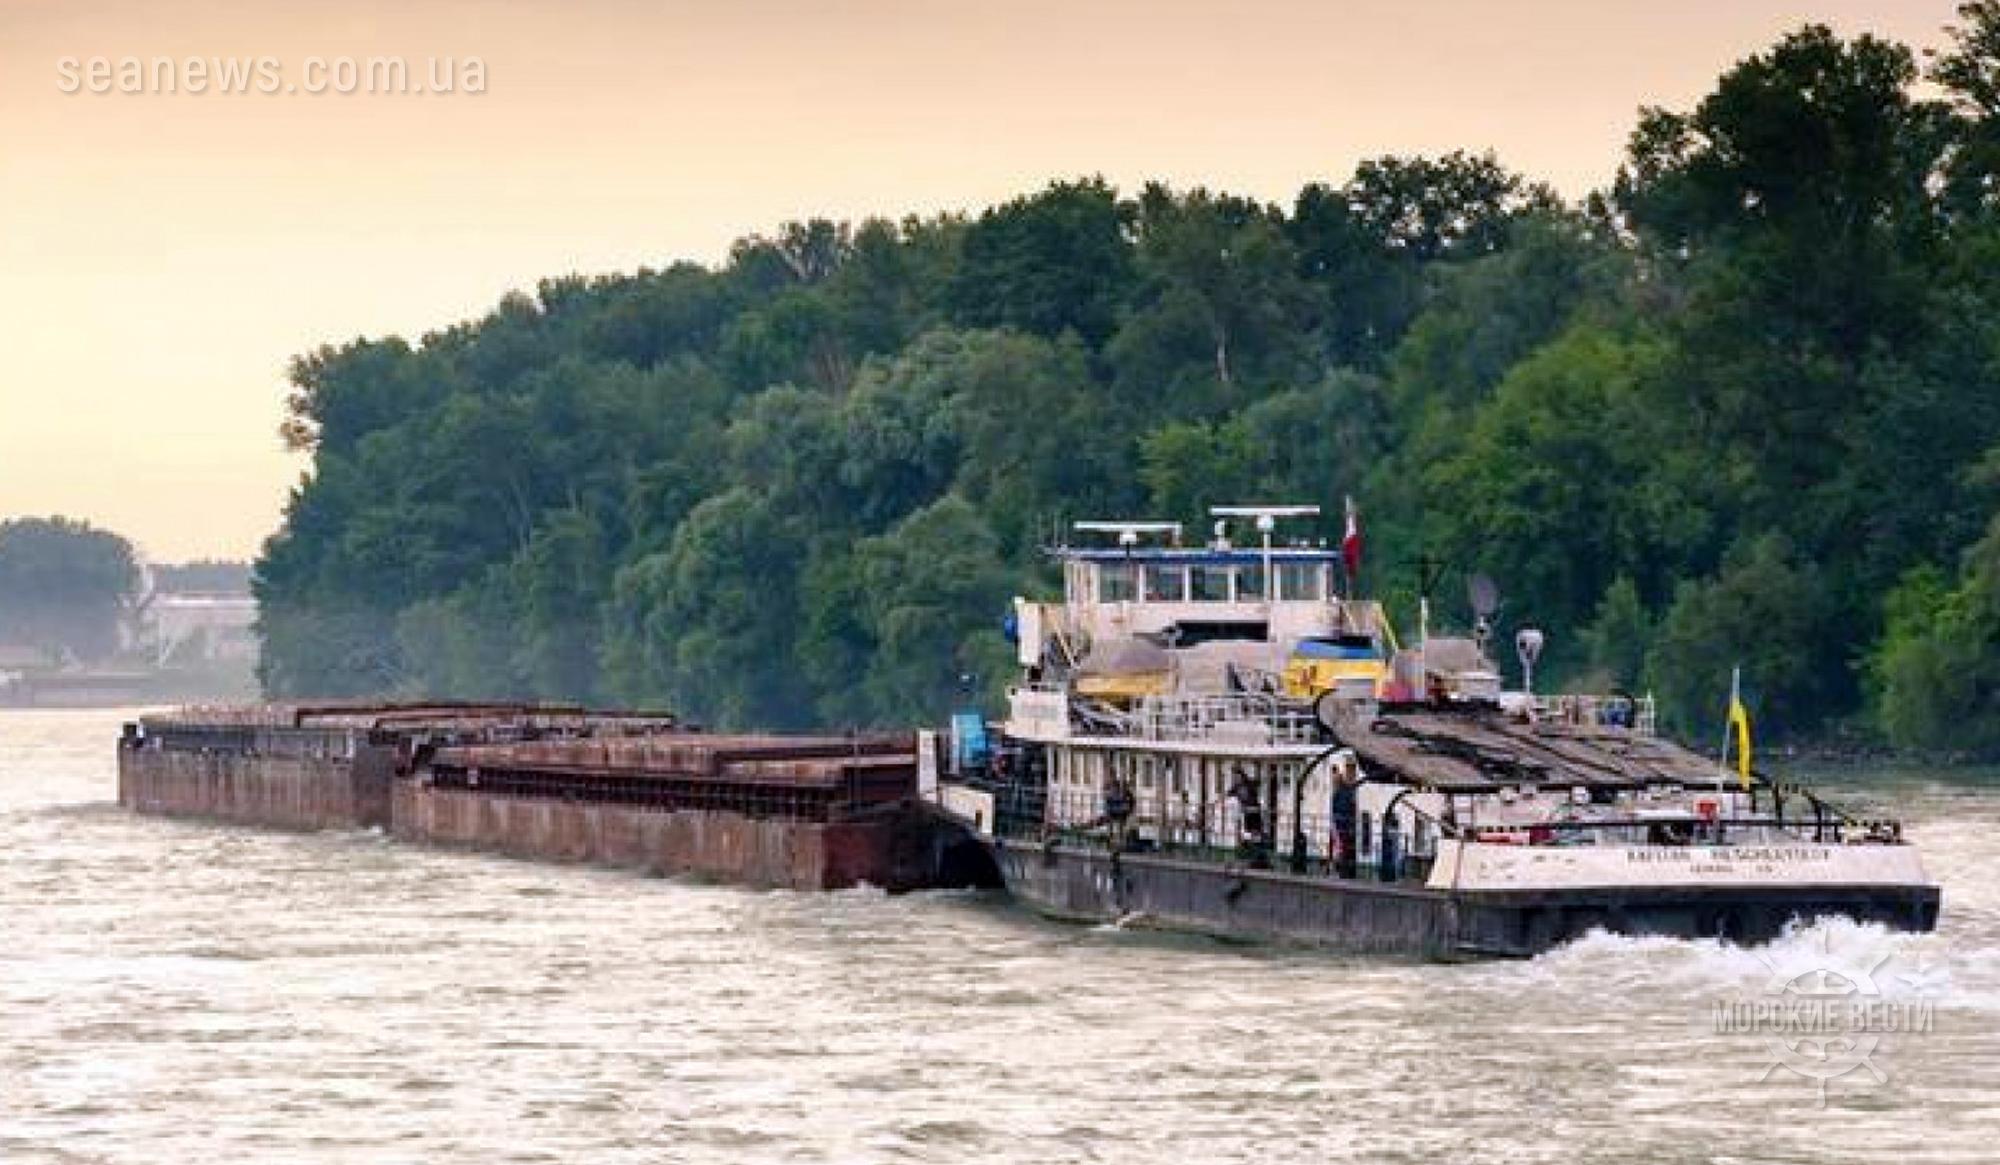 МИУ намерено привлечь инвестиции к обновлению флота Украинского Дунайского пароходства